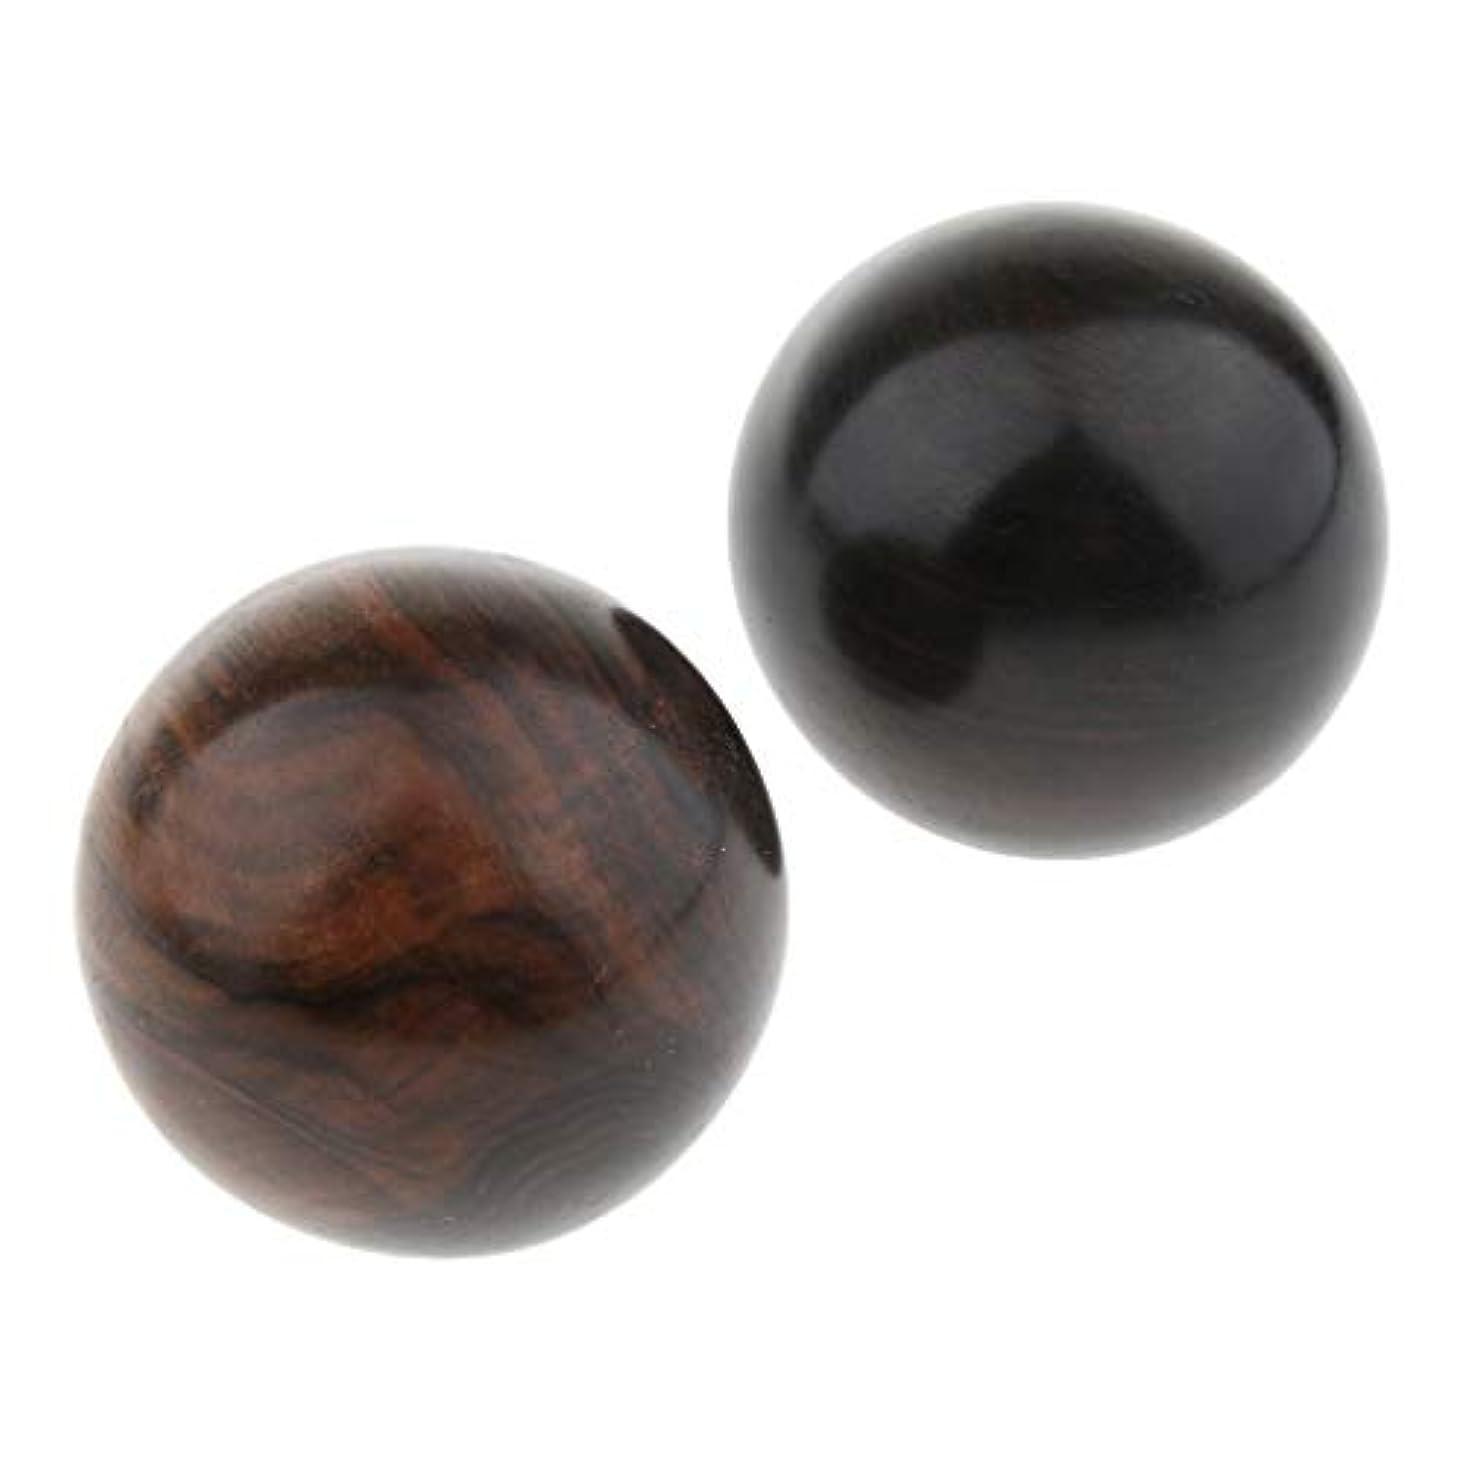 爆風洗練された家畜Baoblaze ハンドボール マッサージボール 木製 ストレス解消 運動 トリガーポイント 2個入